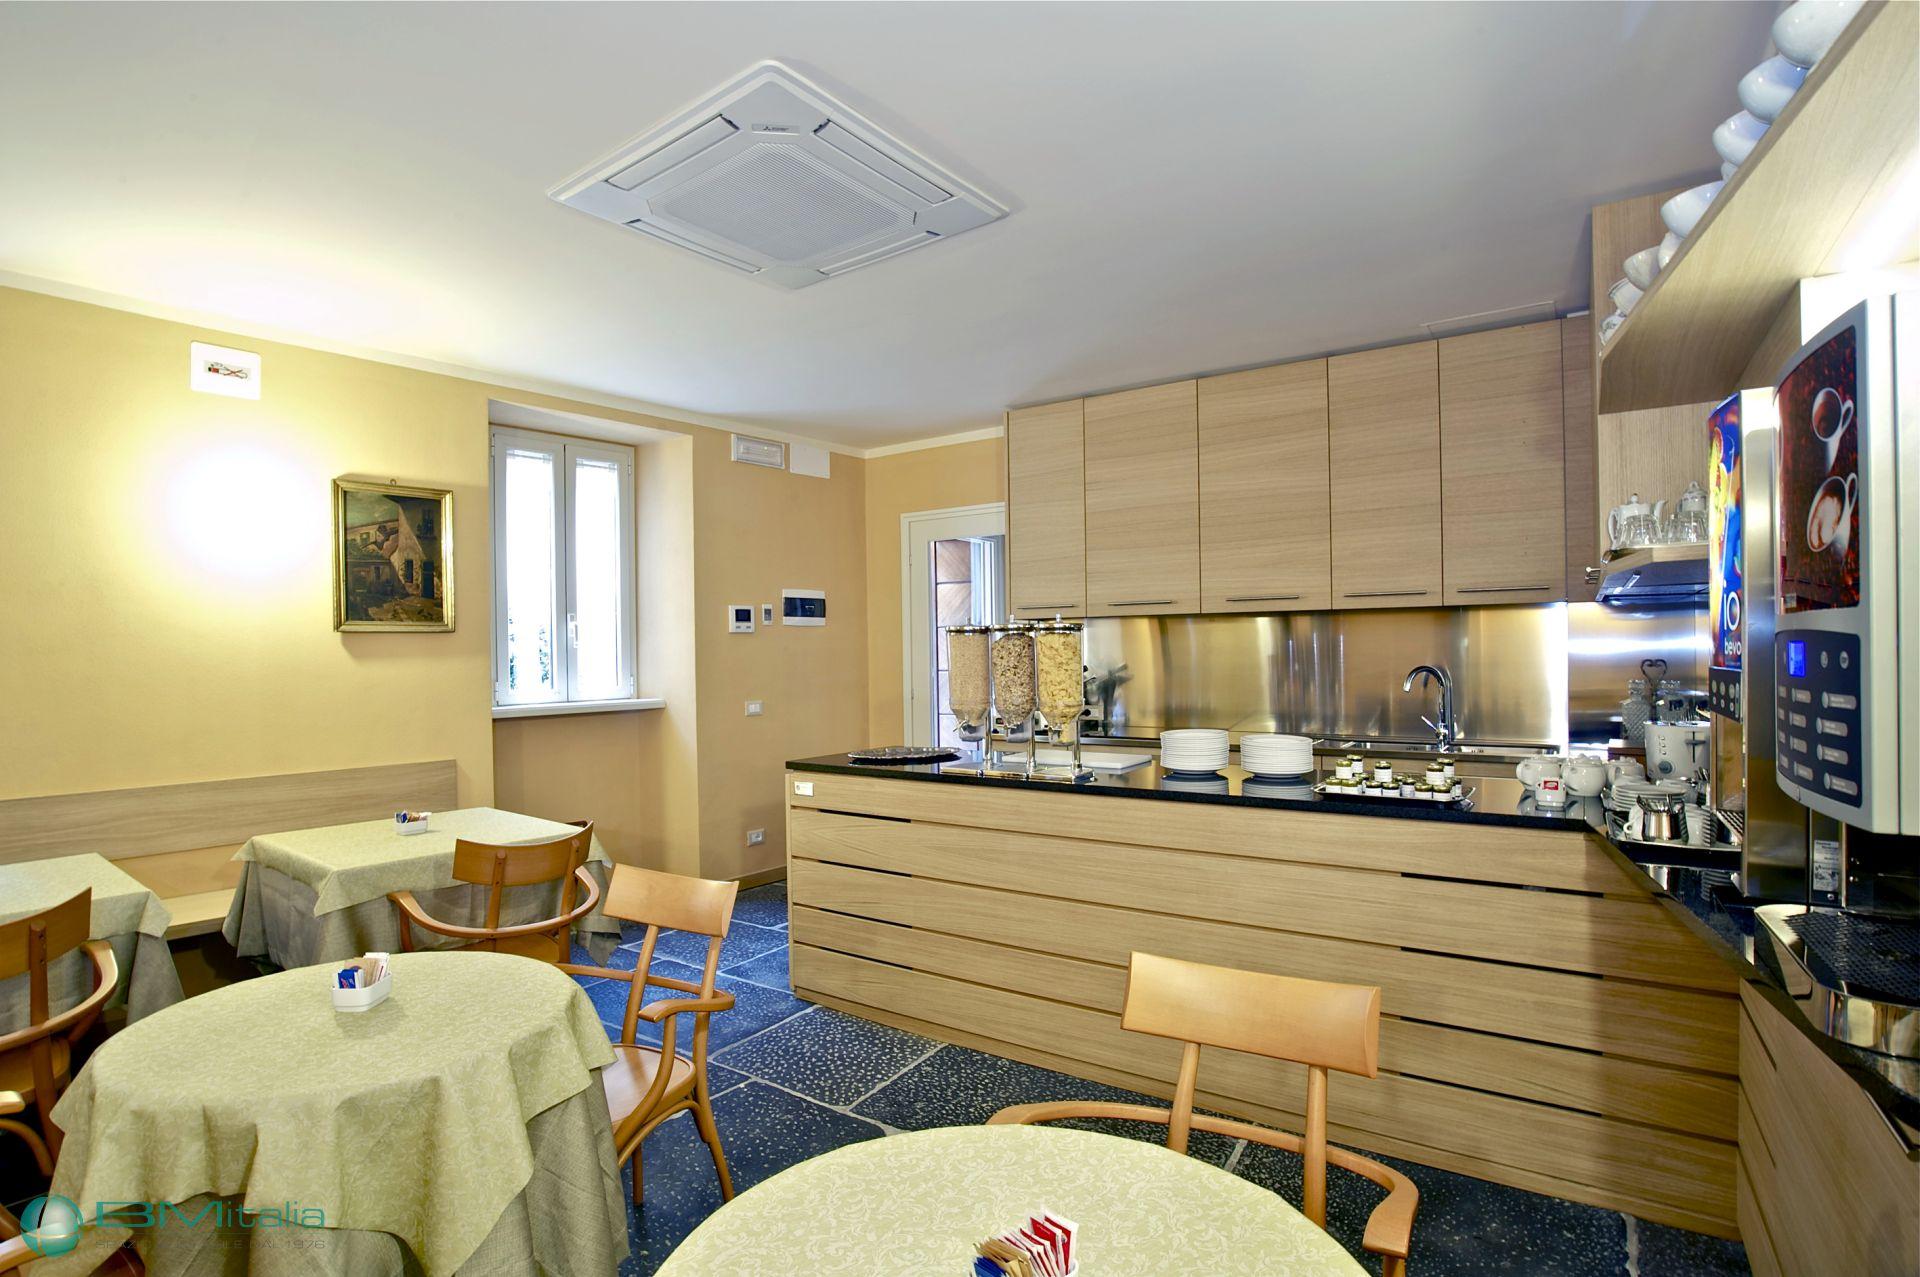 Concreta soluzione esigenze di arredo hotel alberghi bed - Mobili per bed and breakfast ...